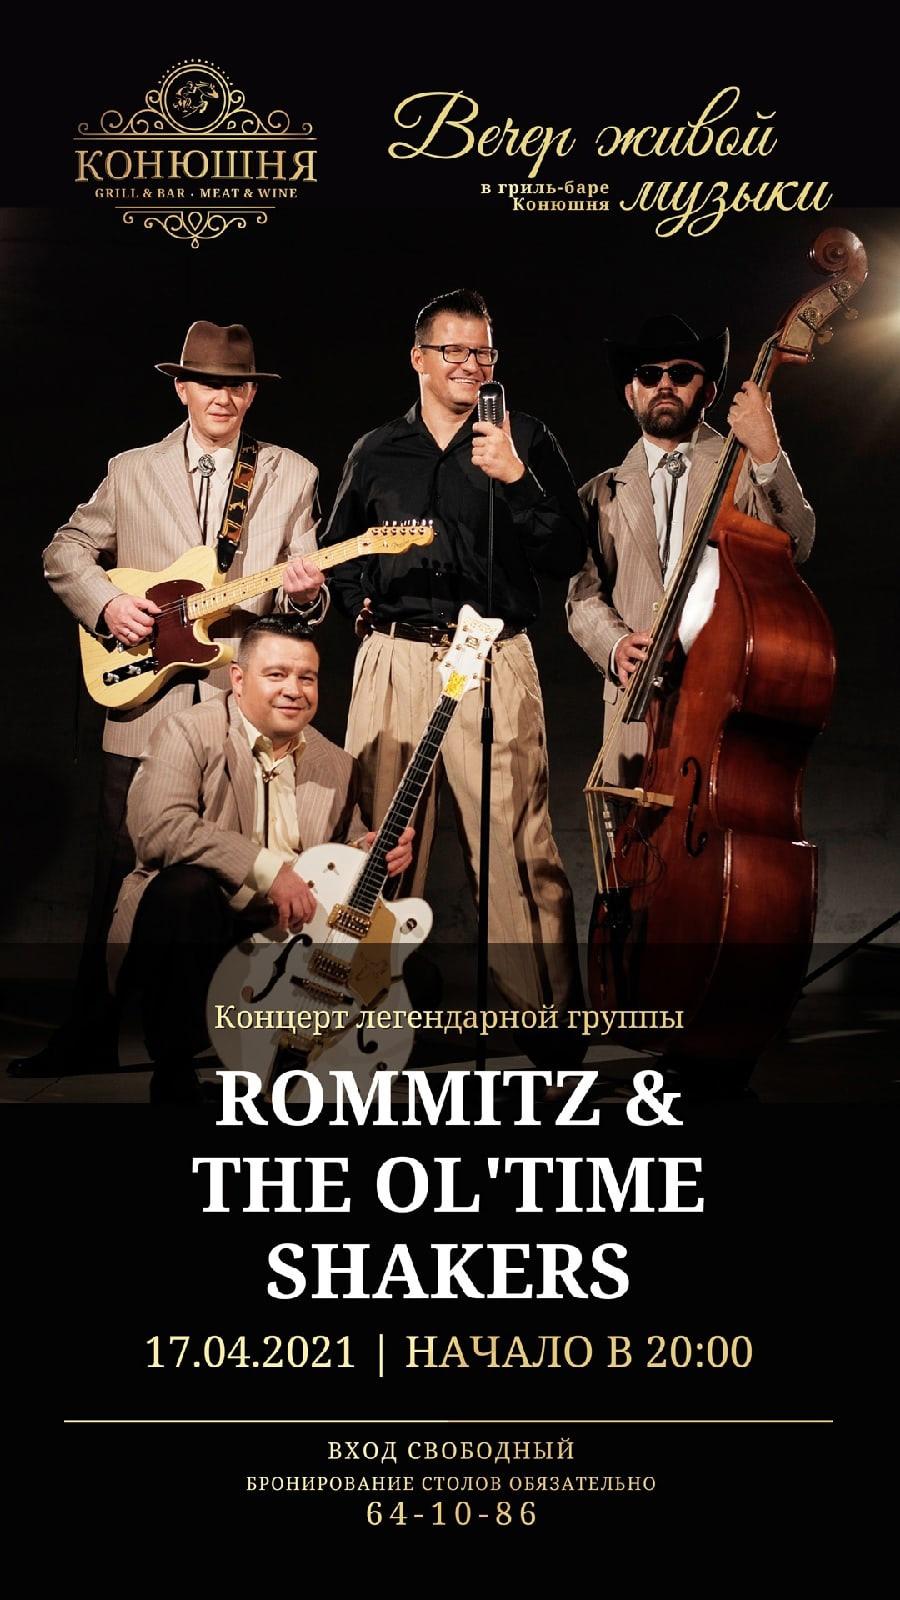 17.04 Rommitz & the Ol' Time Shakers в гриль-баре Конюшня!